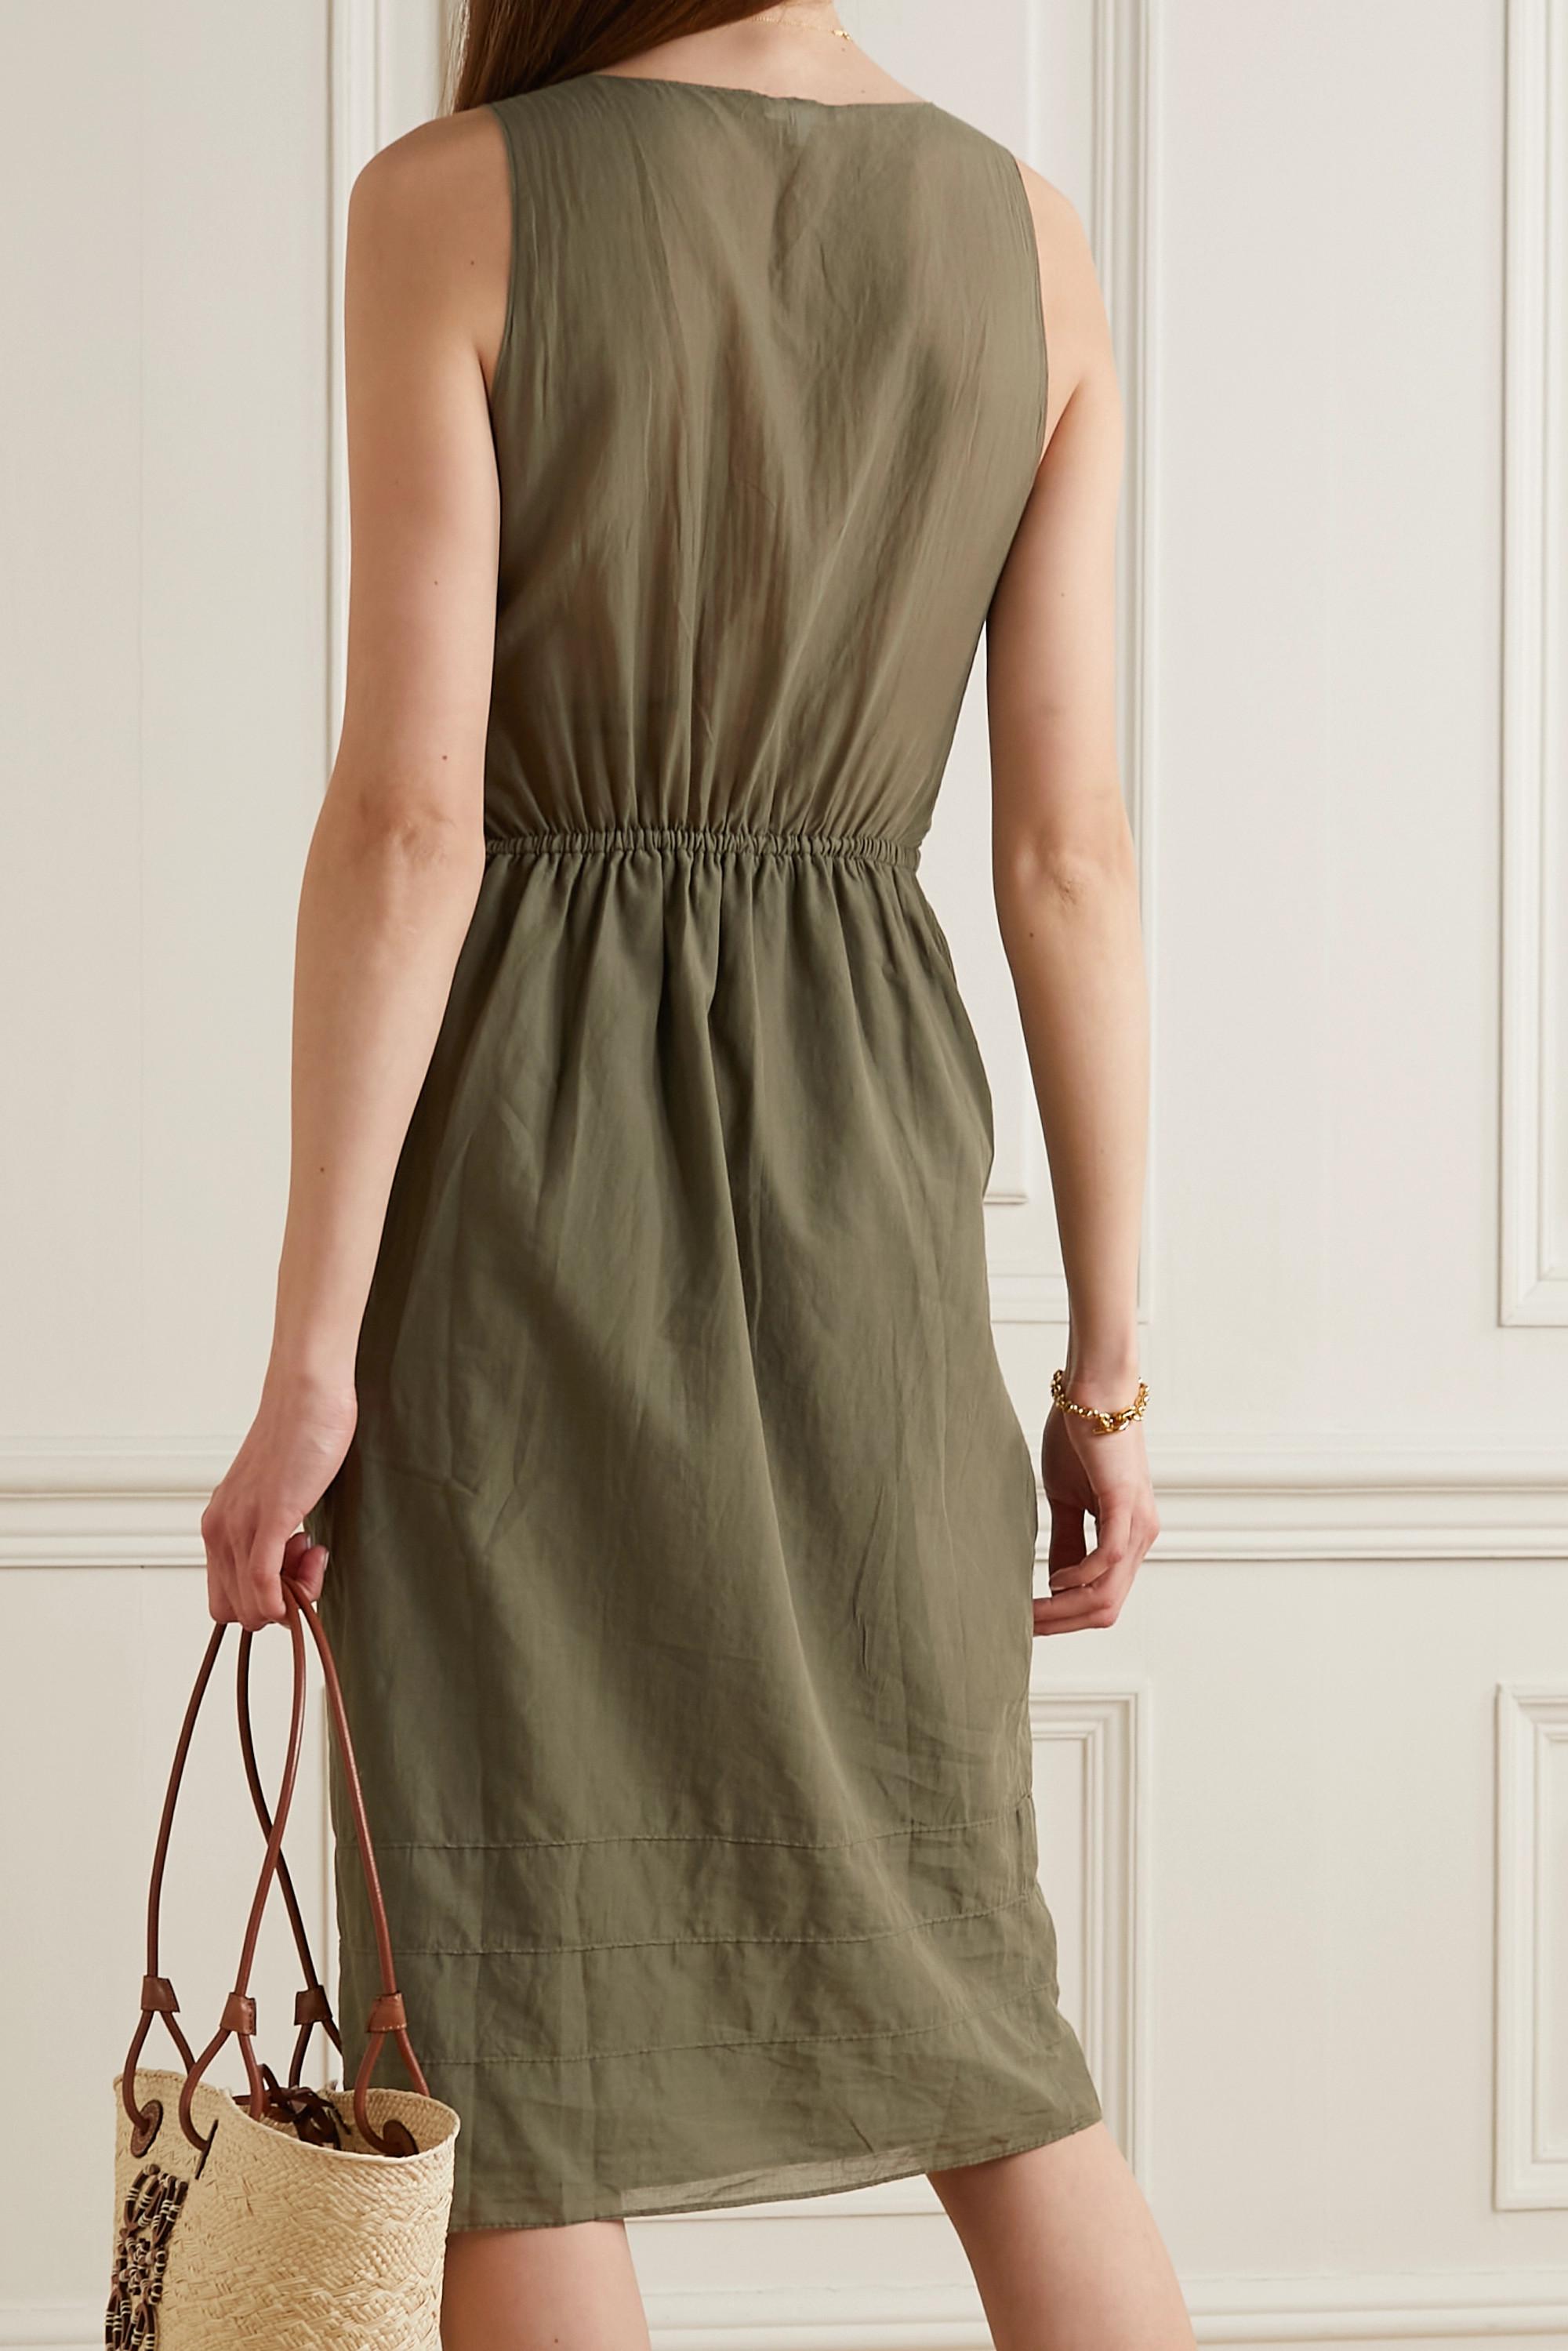 Skin Brenna Kleid aus Baumwollgaze zum Binden